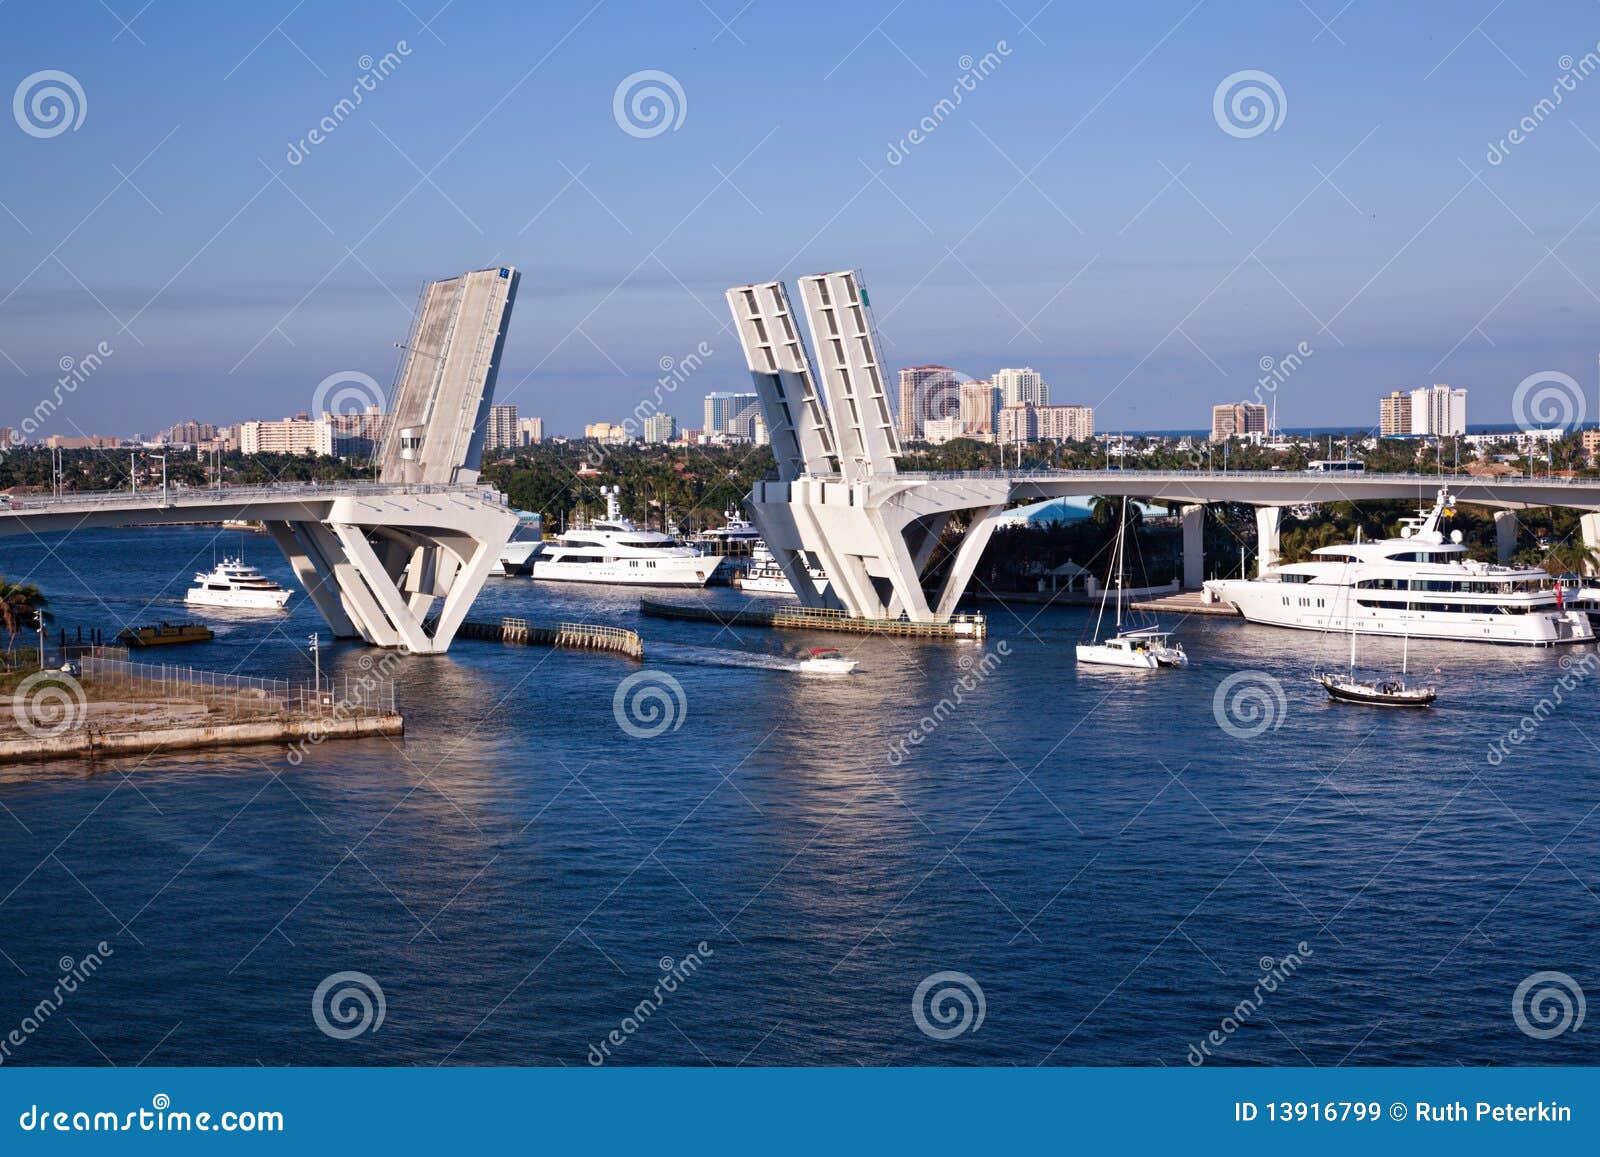 Marismas portuarios, Fort Lauderdale